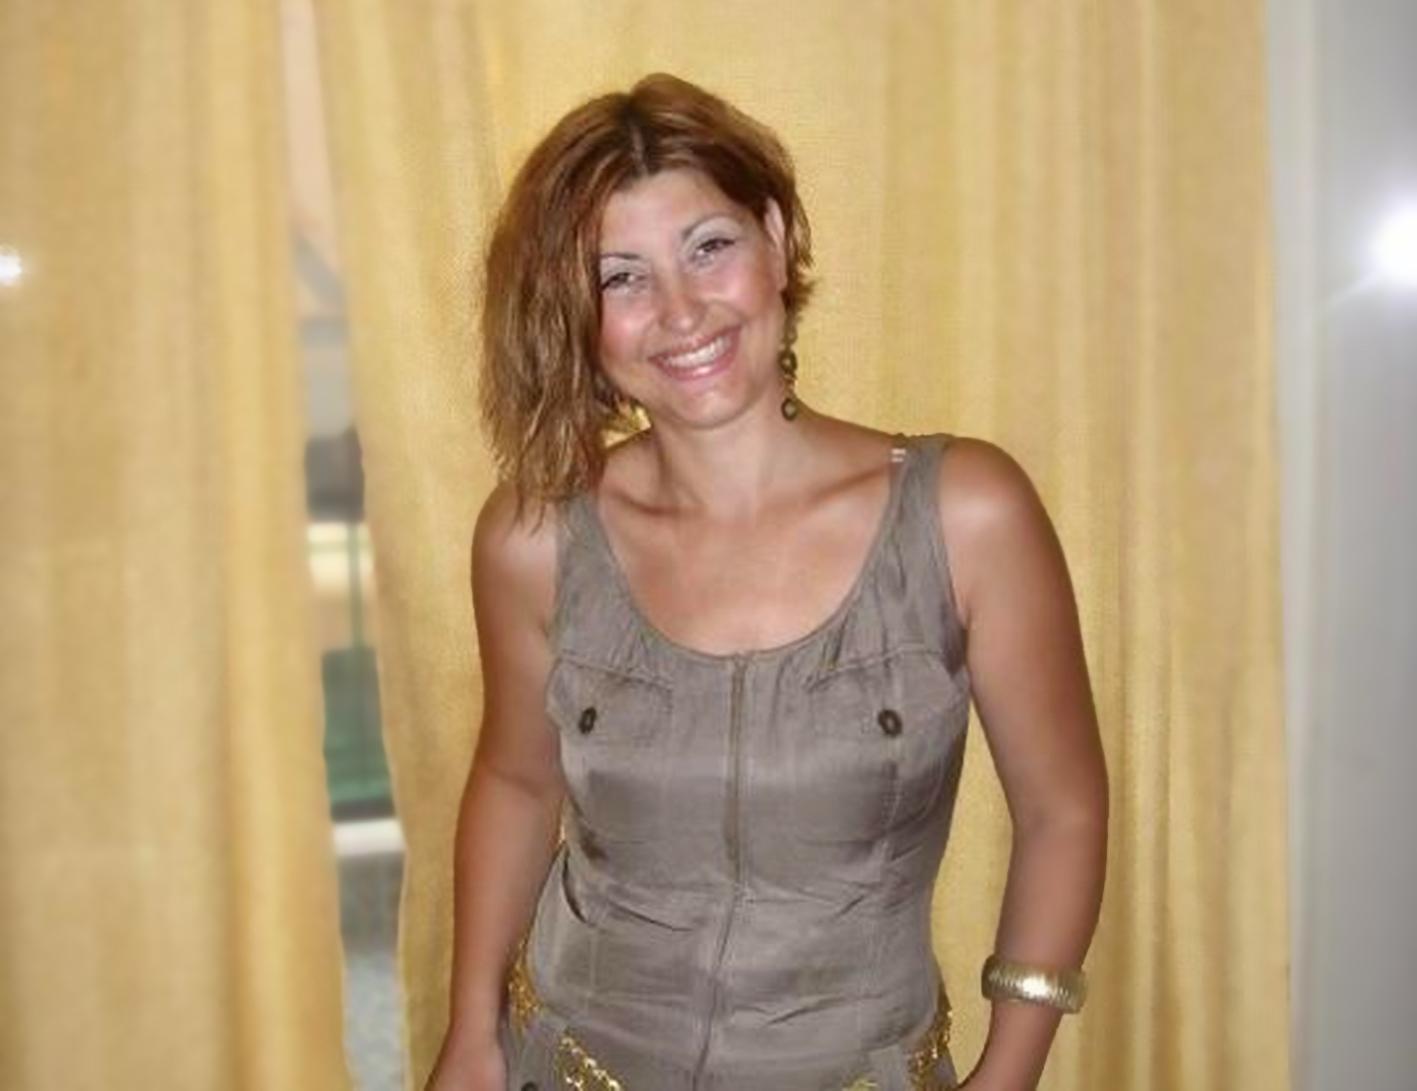 Νατάσα Πετρίδου, Εκδόσεις iWrite